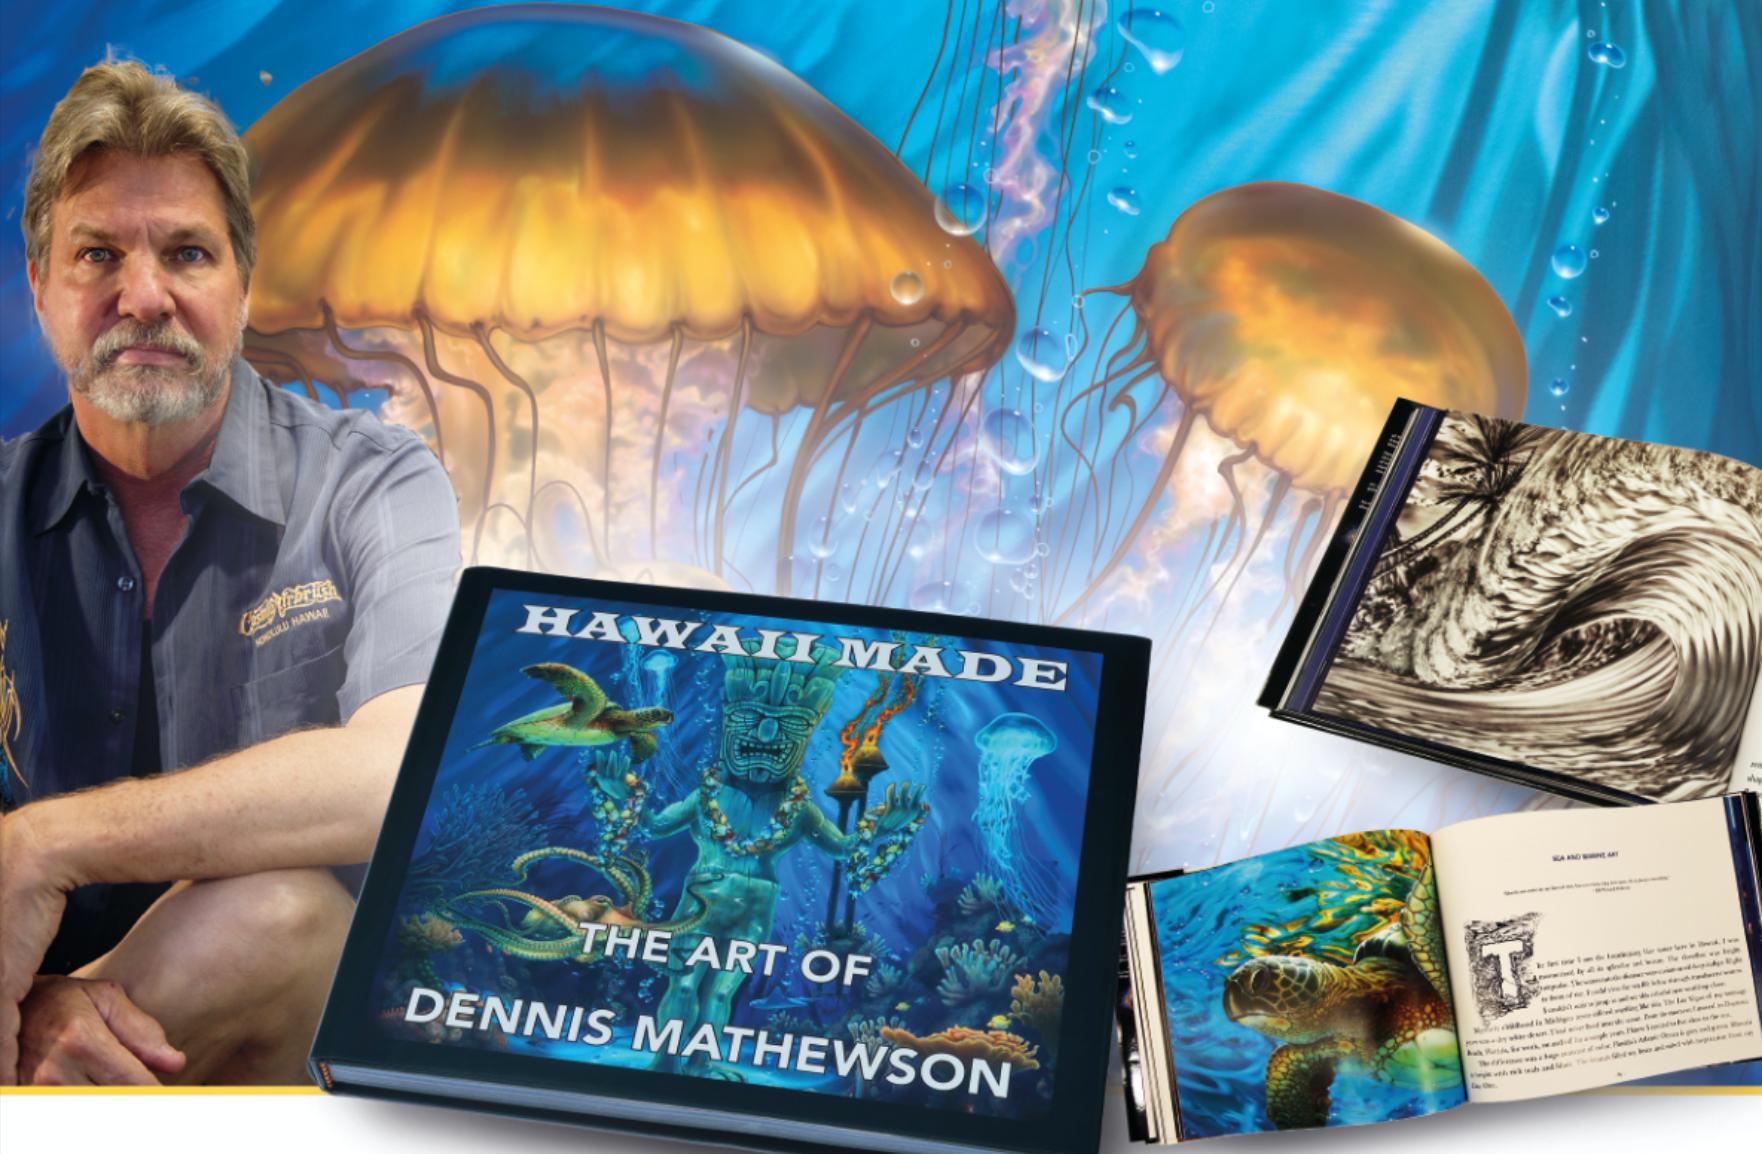 Inselparadies auf 244 Seiten: Hawaii made – The Art of Dennis Mathewson